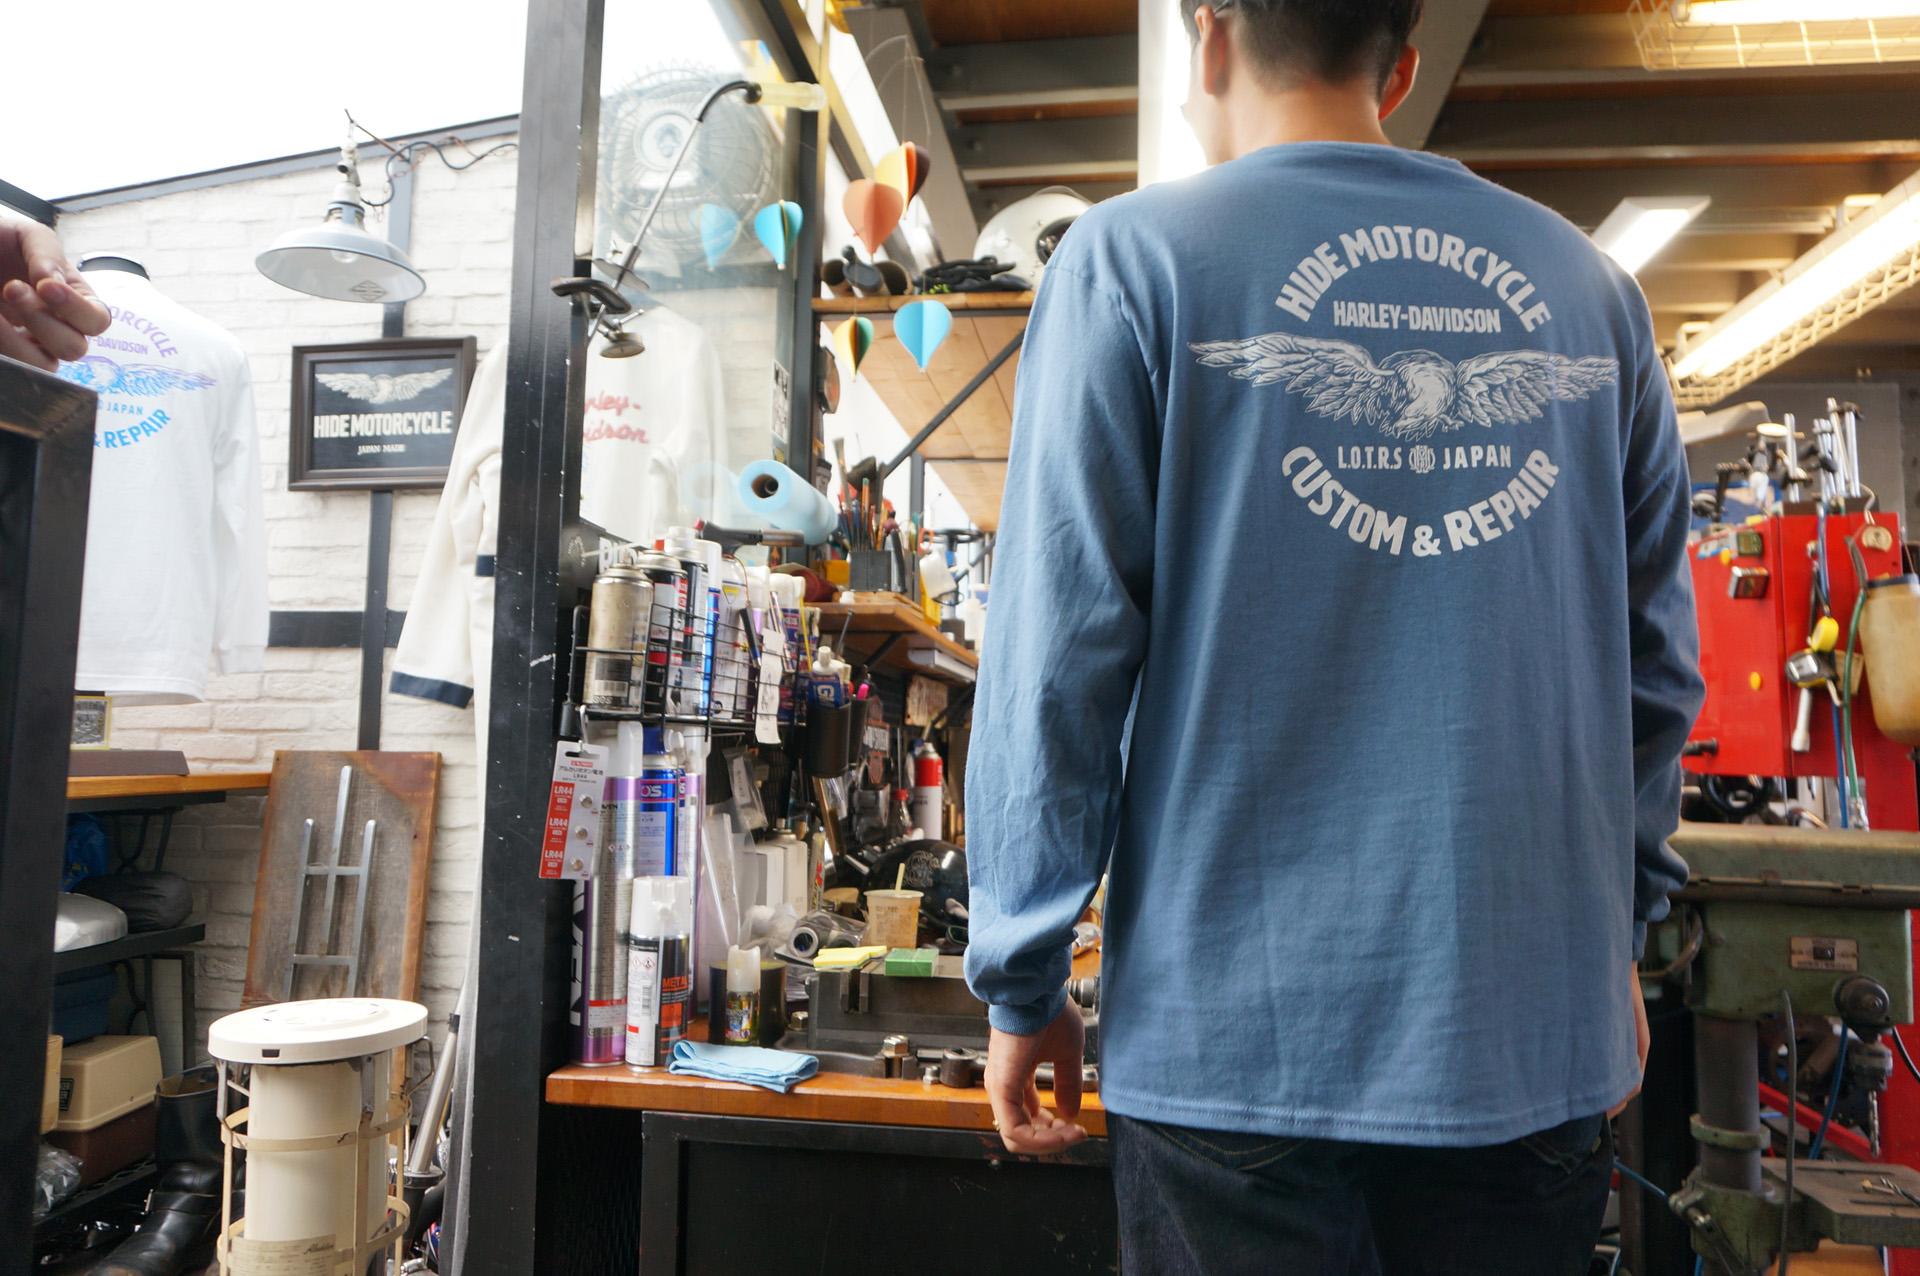 ヒデモーターサイクル hidemotorcycle ニュートラル neutral ロングスリーブTシャツ